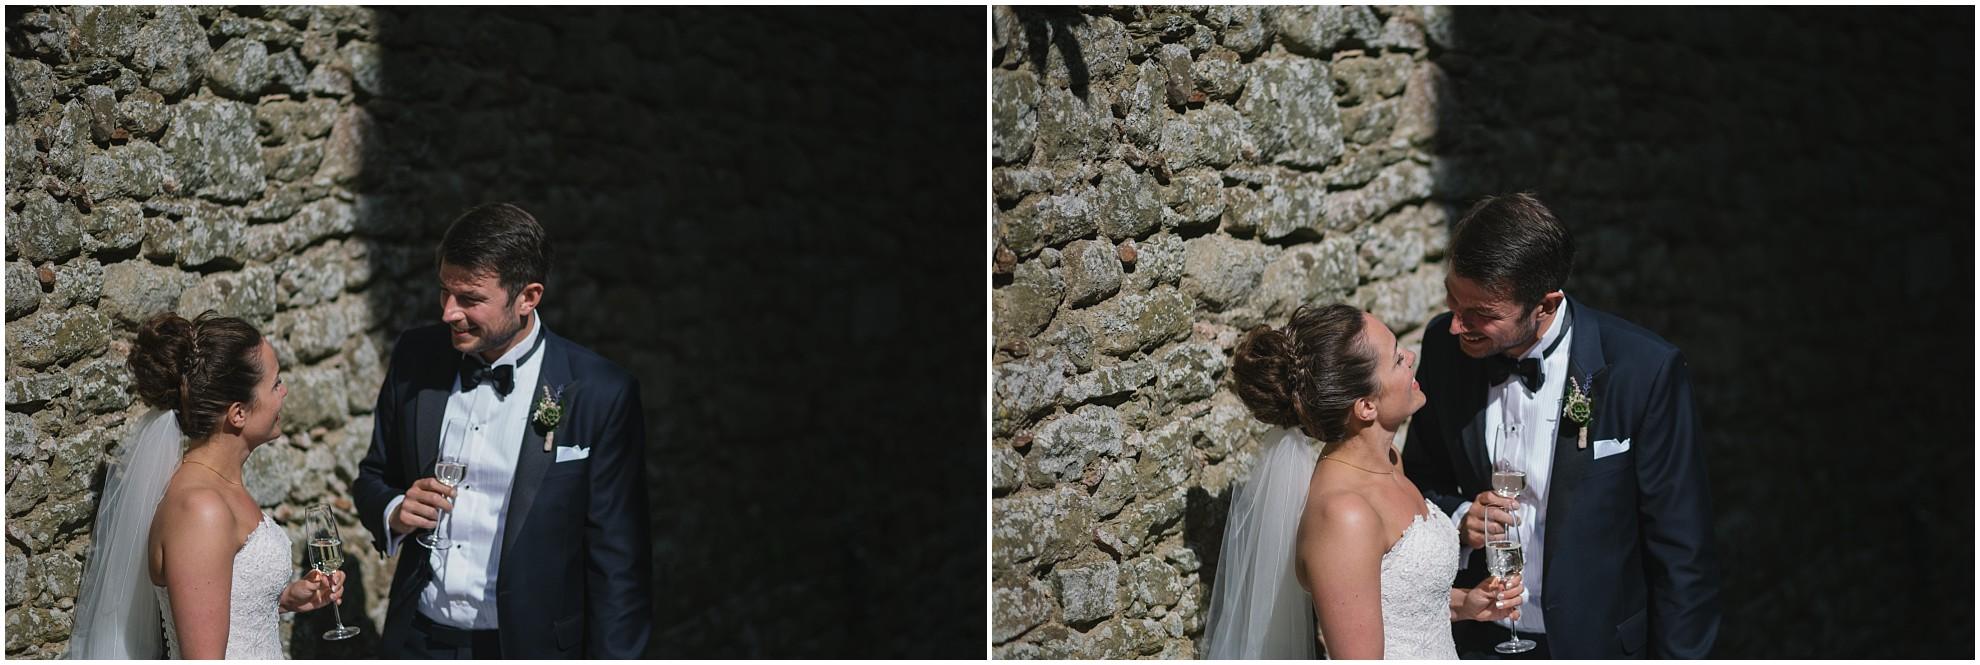 tuscany-wedding-photographer-055